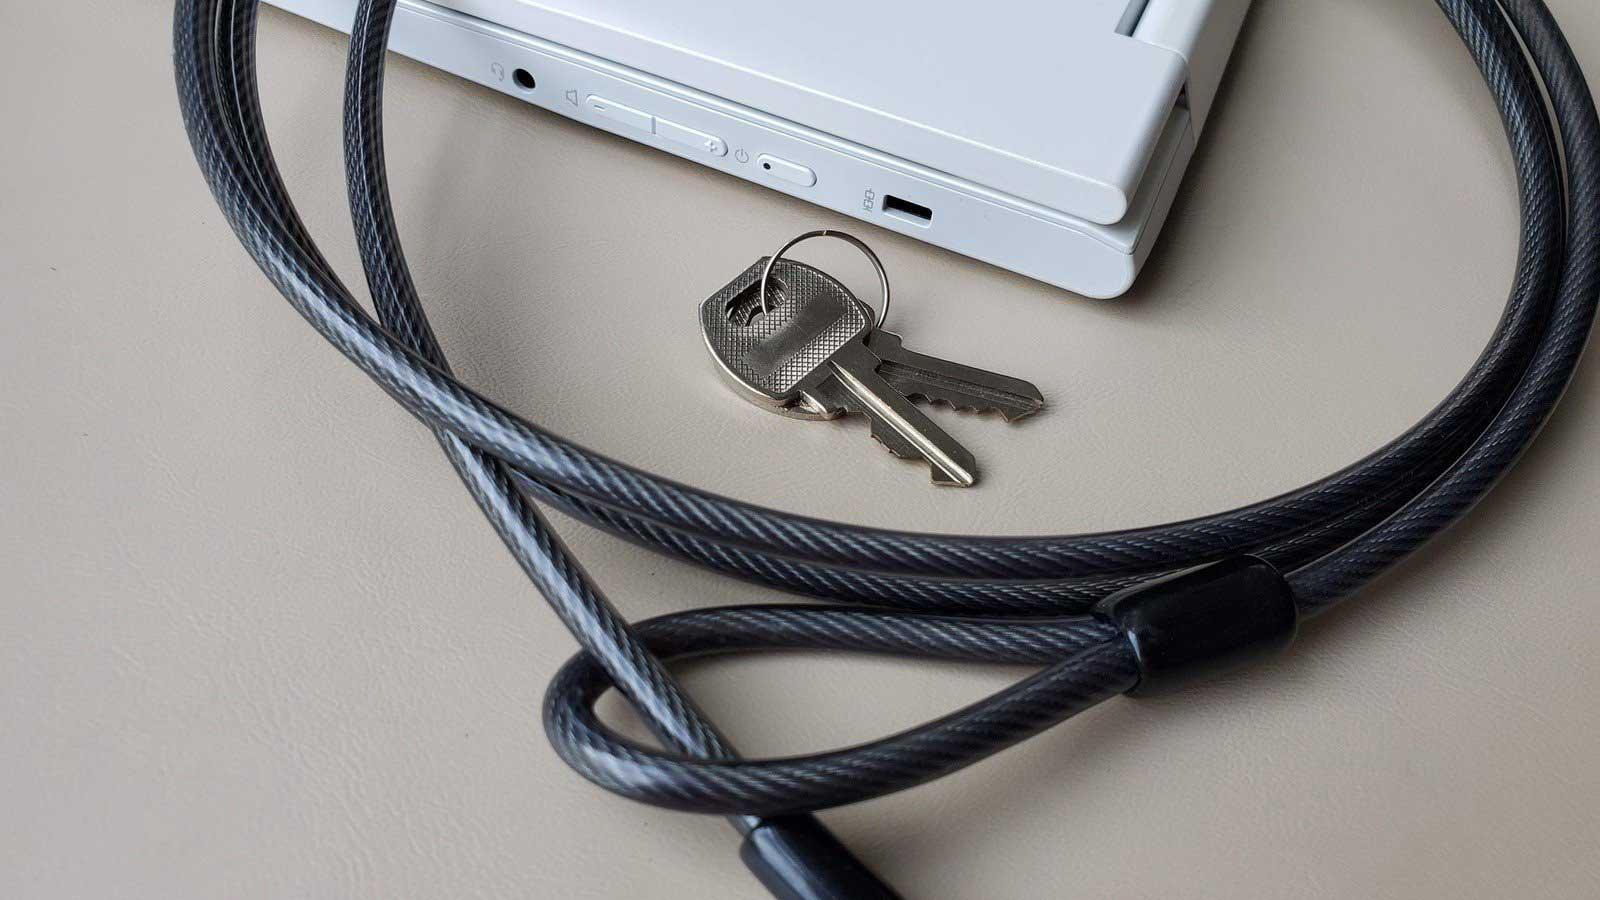 قفل و کلید کنسینگتون